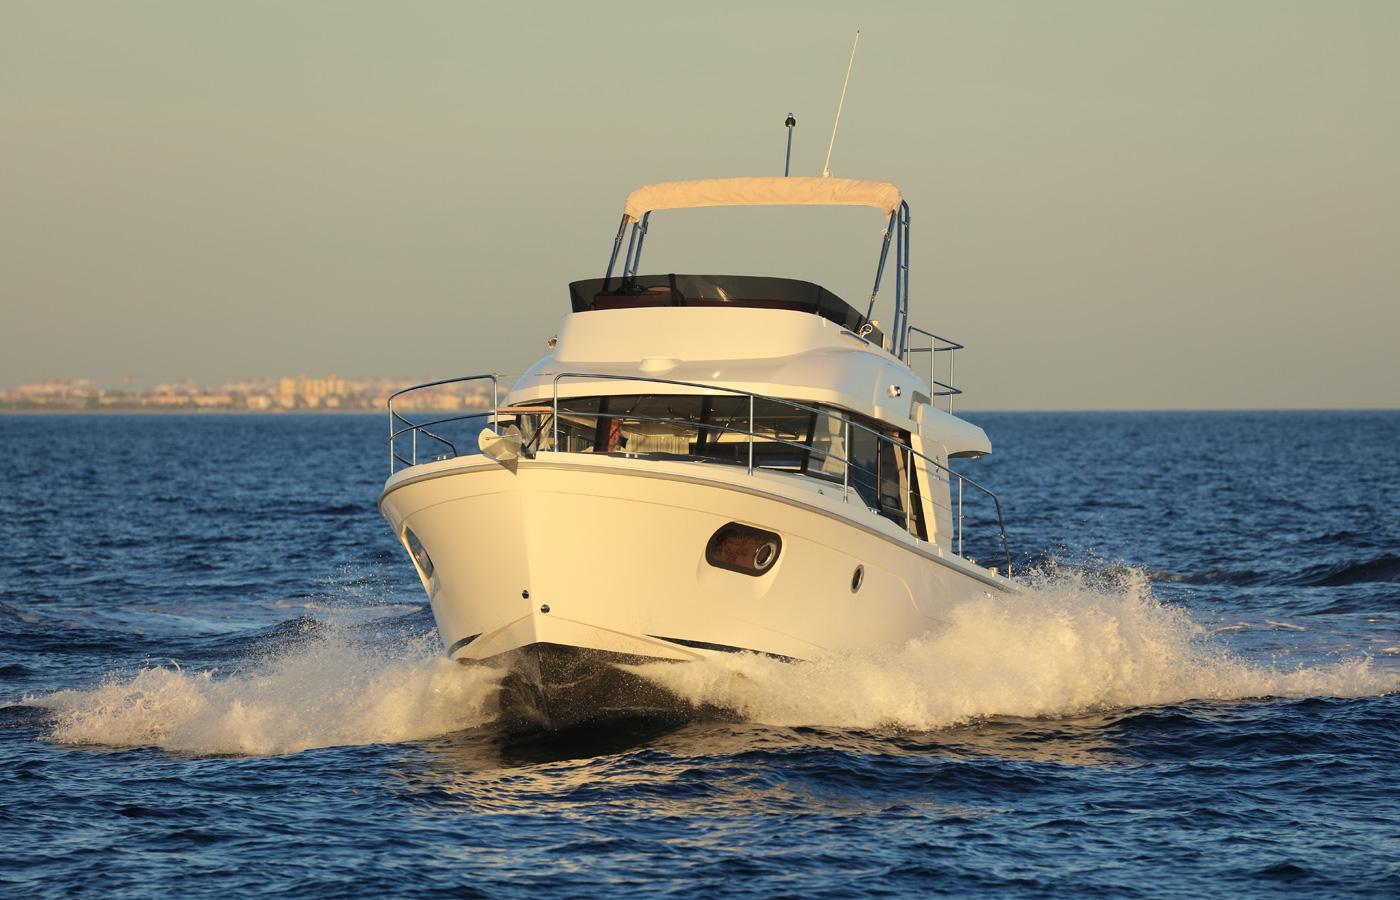 Beneteau 35 Swift Trawler [Boat Review]